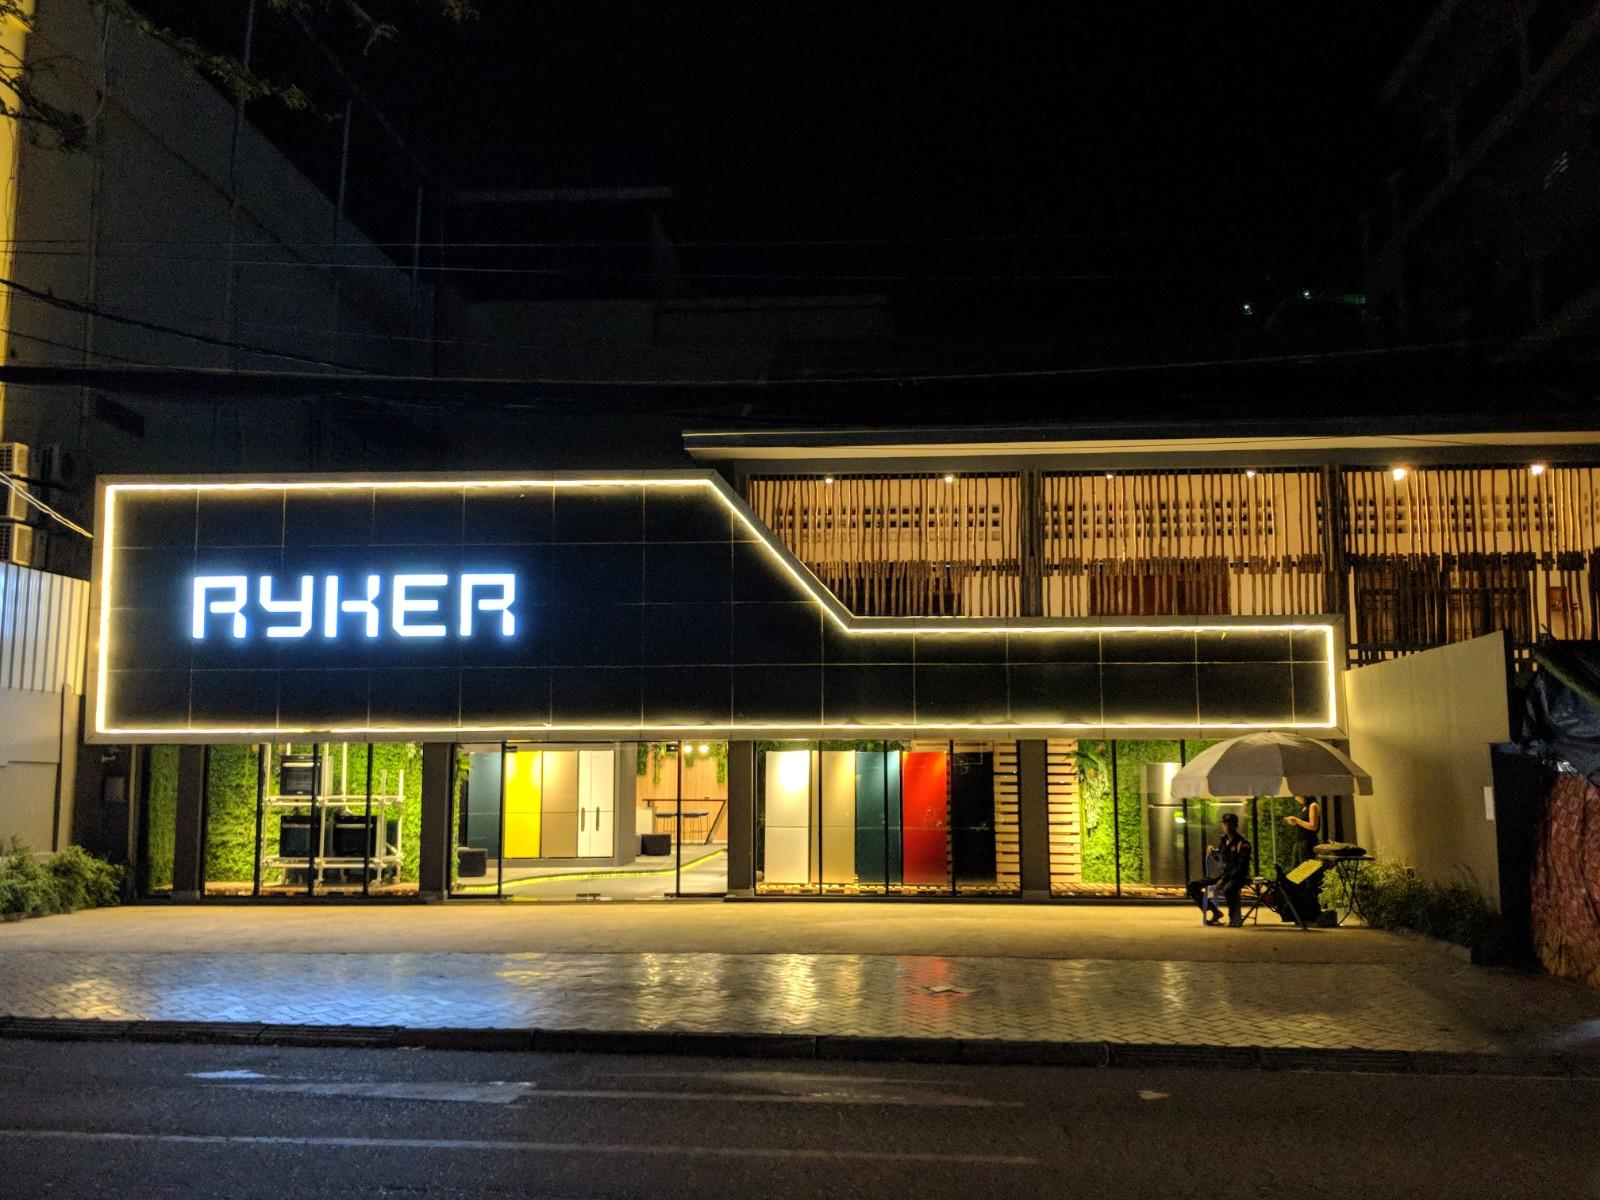 Ryker, Cambodia